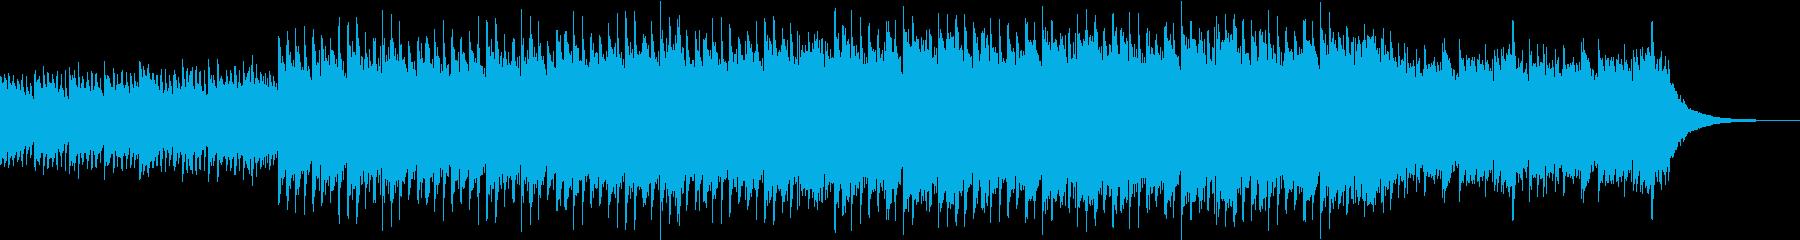 爽やかなピアノとストリングスの四つ打ちの再生済みの波形